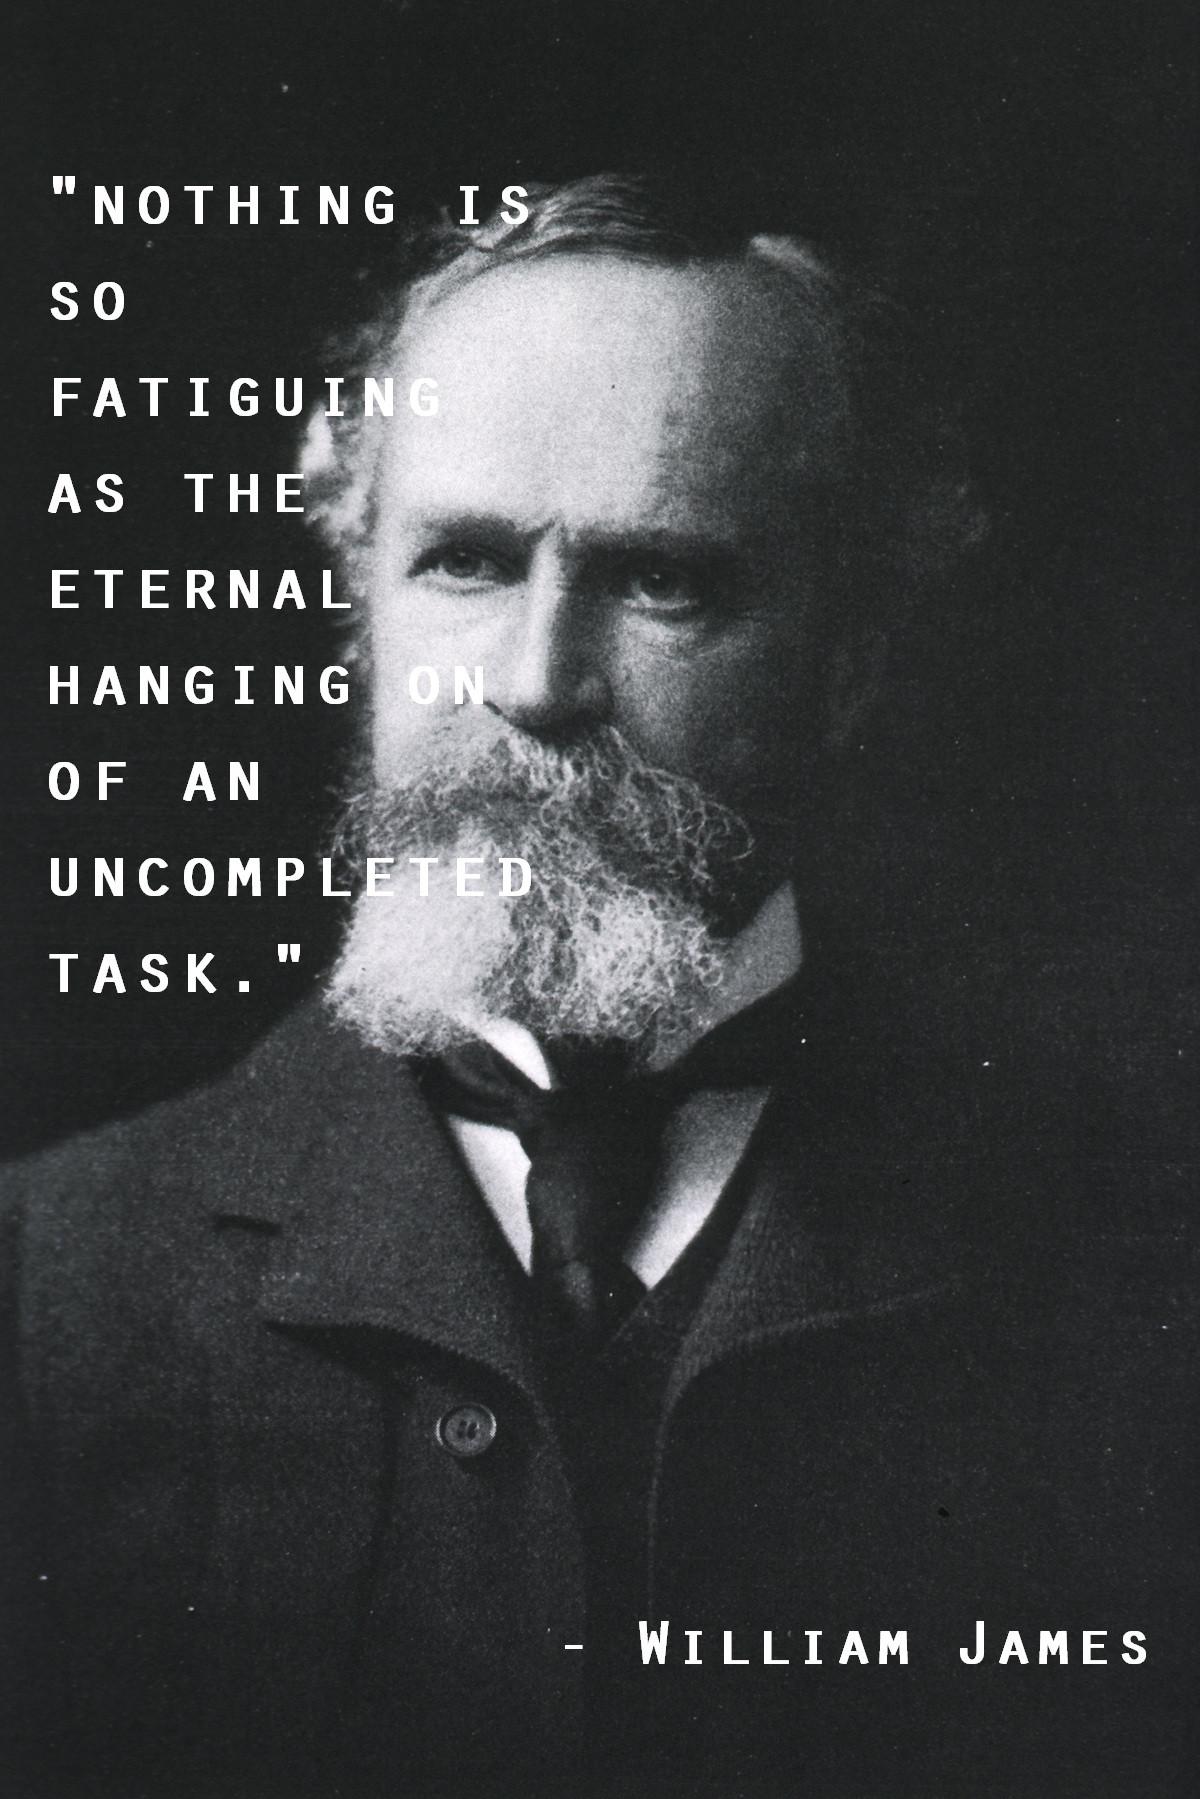 William James's quote #6